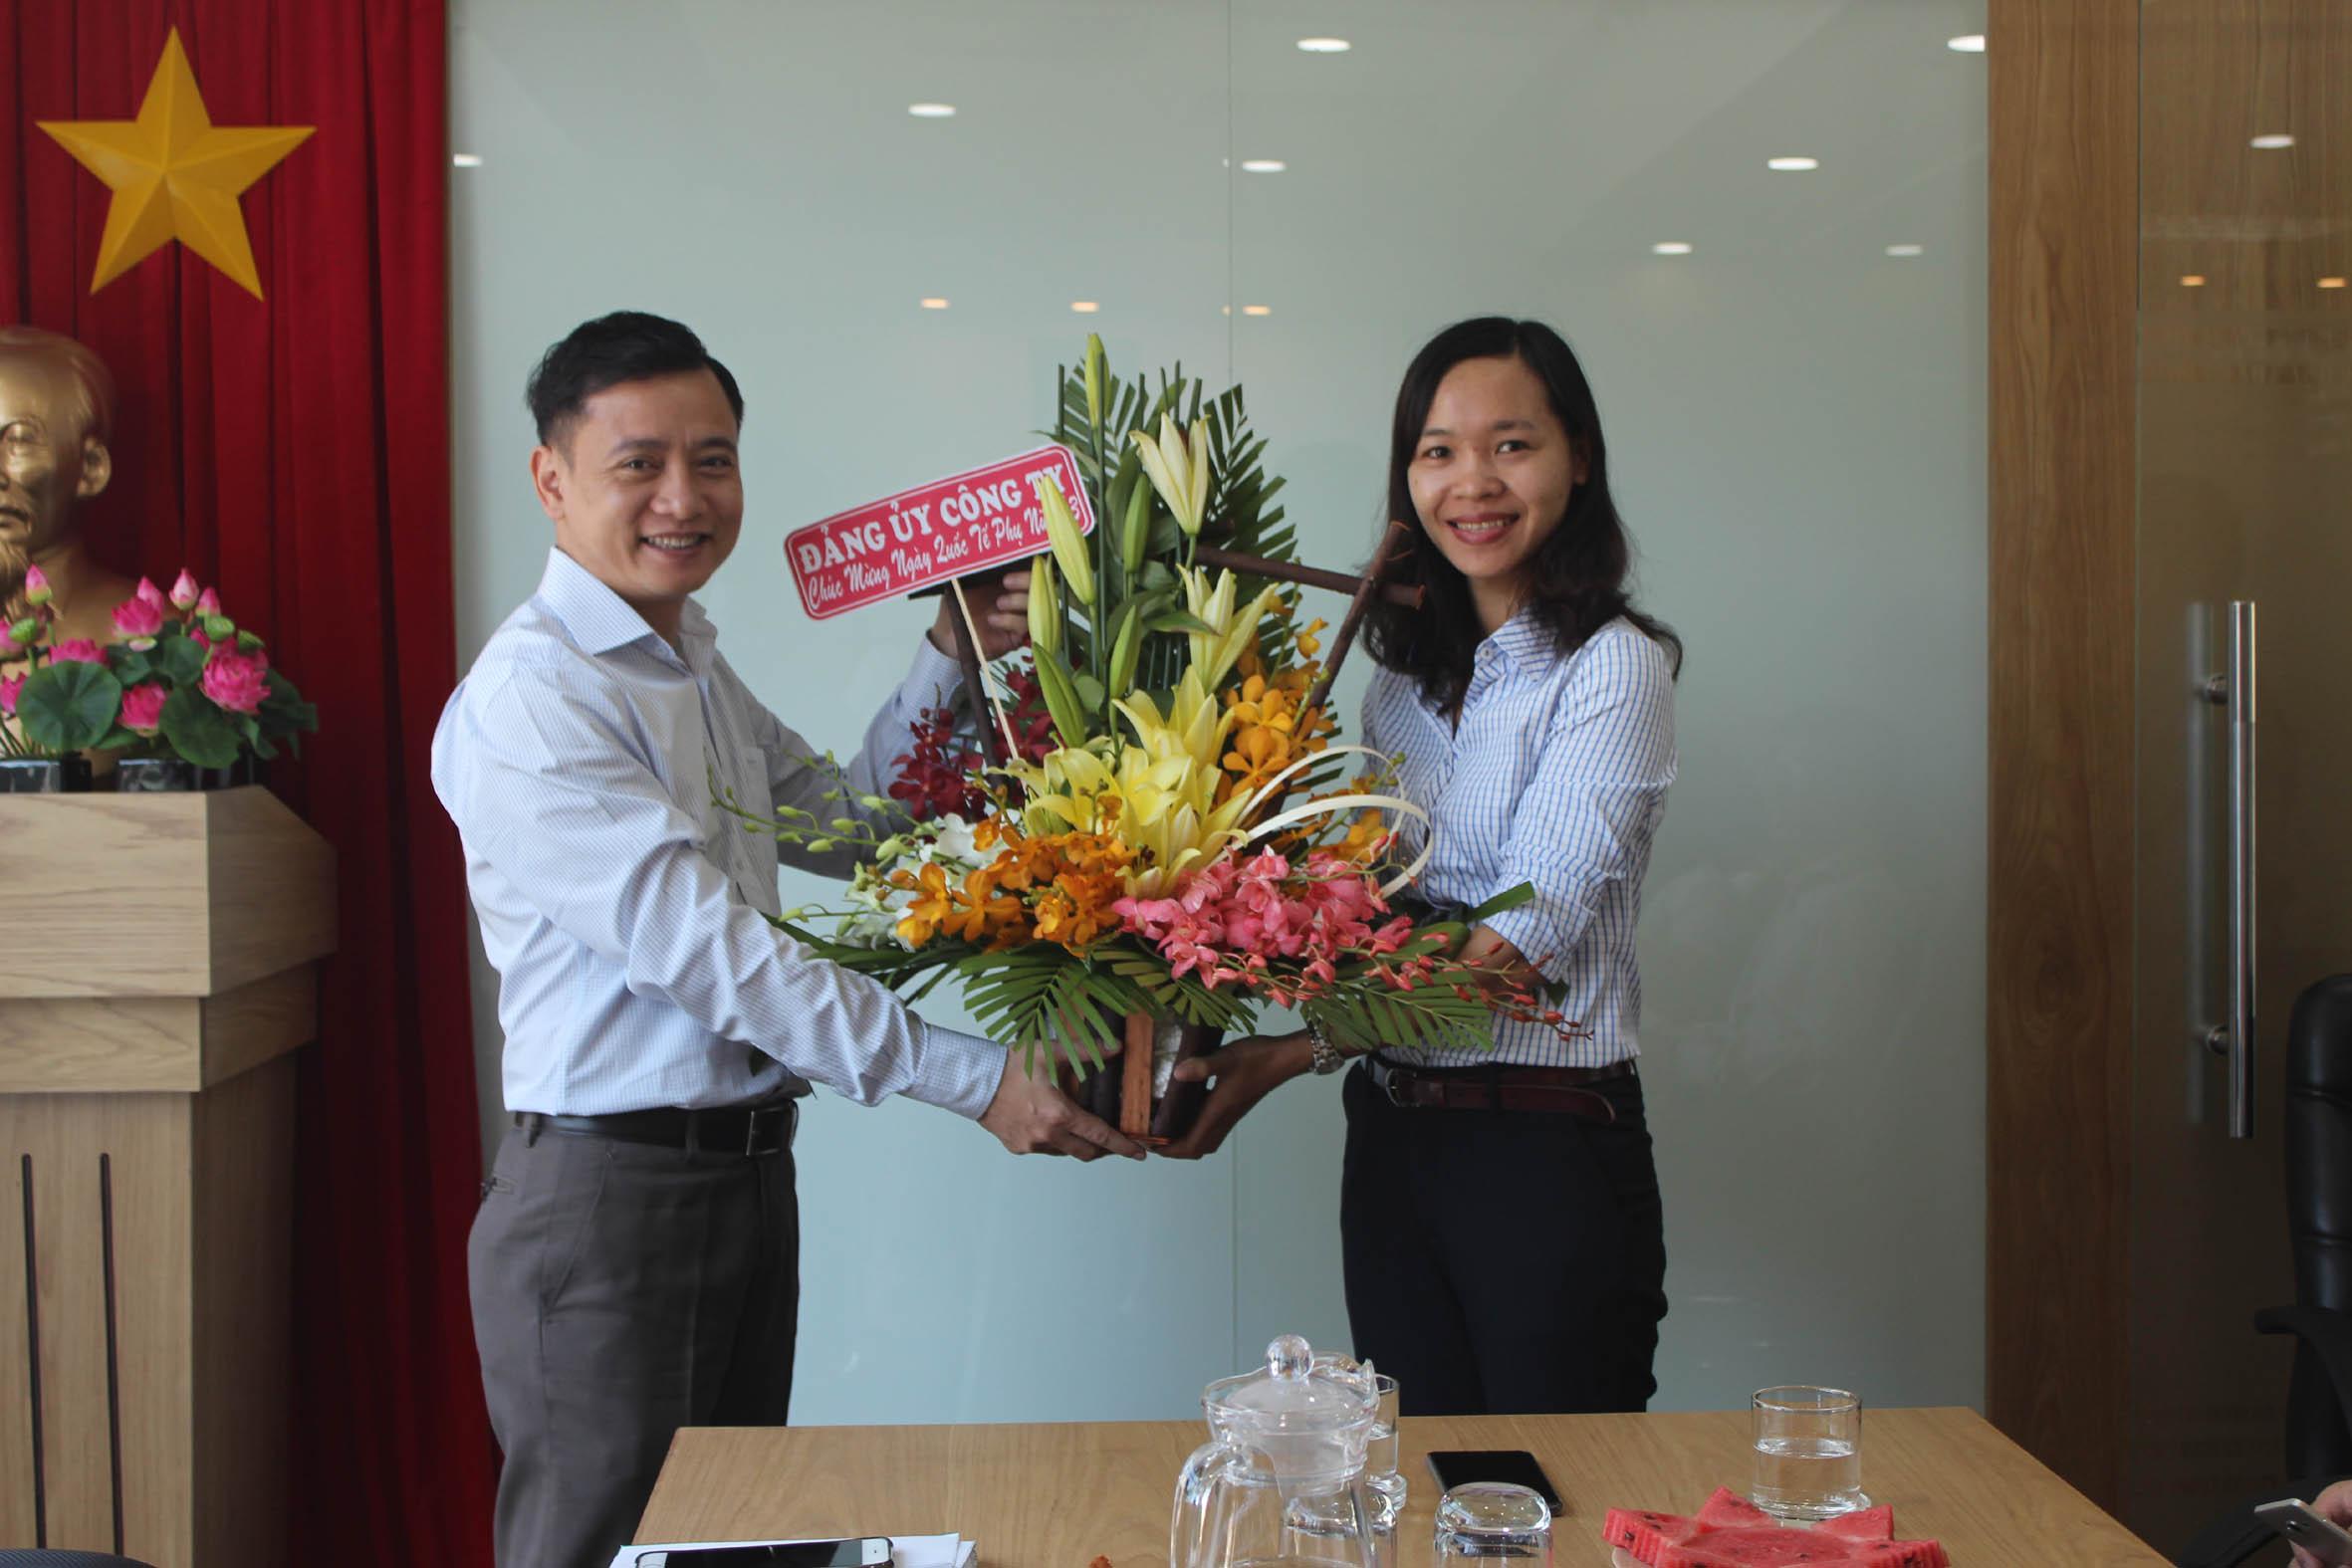 Buổi tham quan với rất nhiều ý nghĩa kèm lời chúc mừng đã để lại nhiều ấn tượng không quên, tạo được không khí vui vẻ cho chị em trong công ty ...